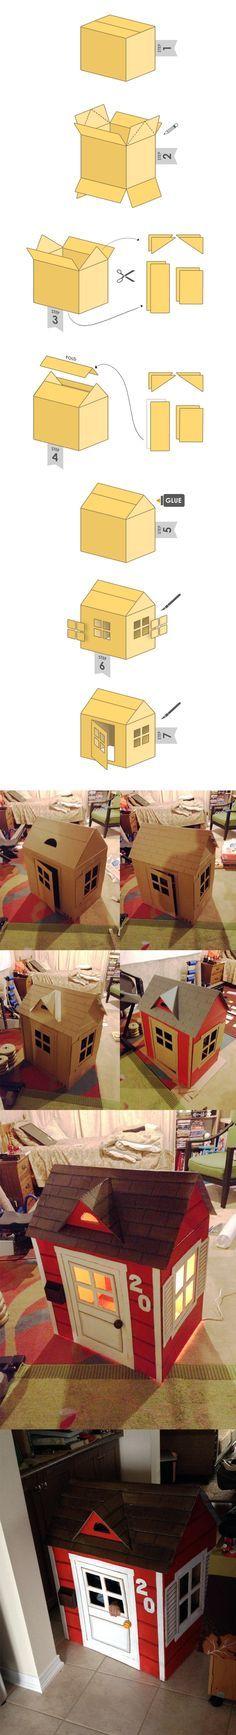 Karton Haus DIY